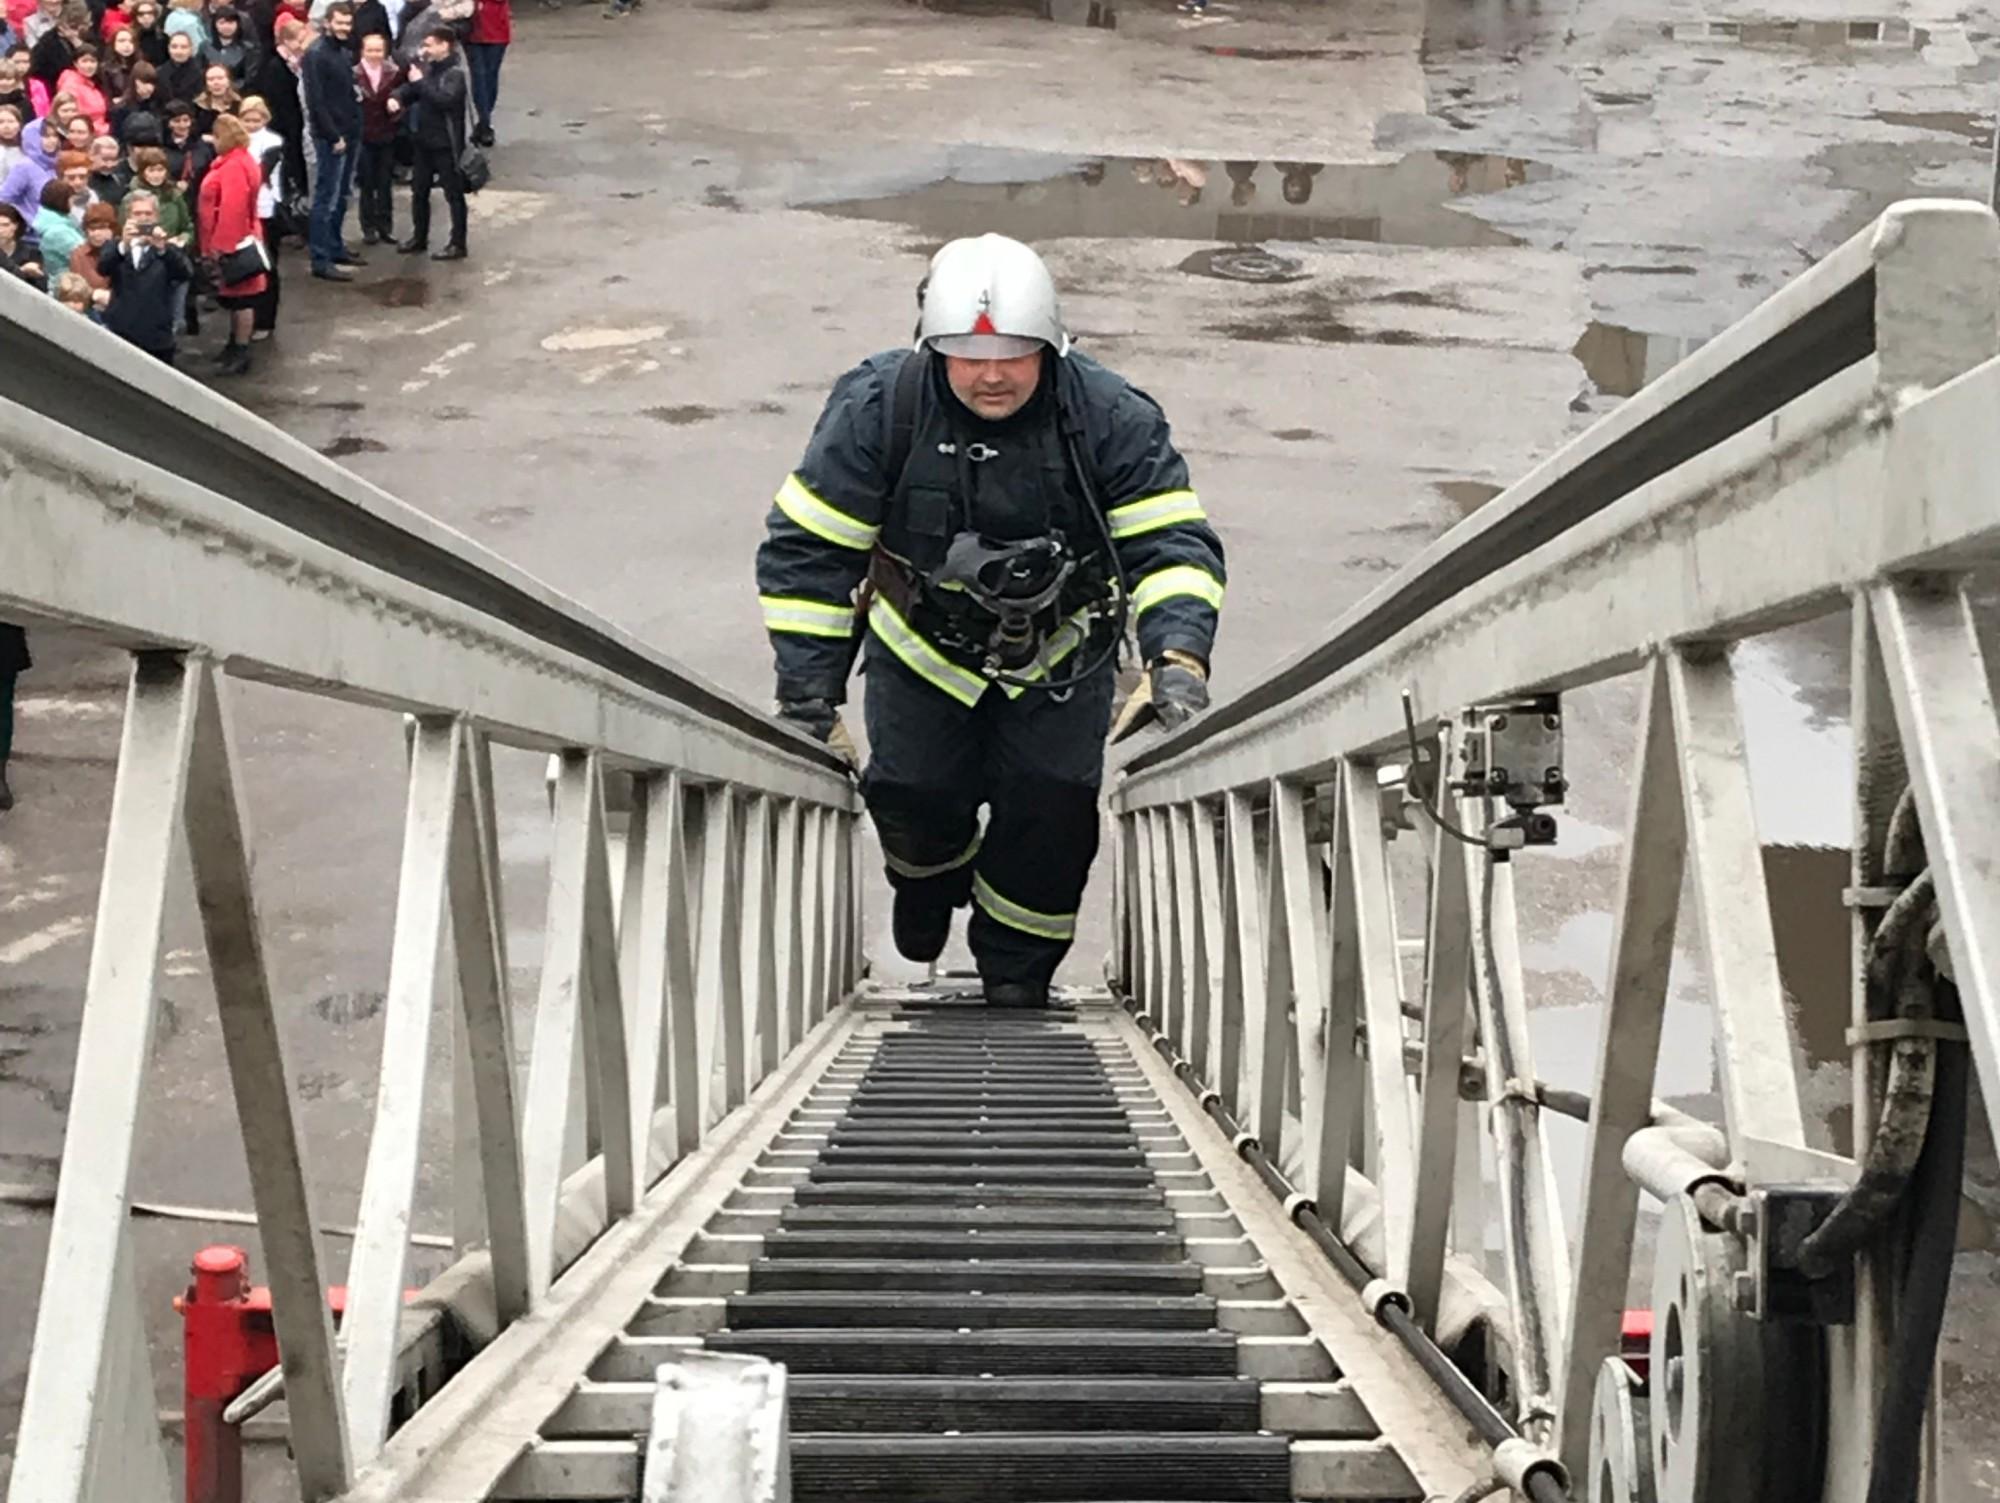 ВрядеТЦ Твери были захламлены пути эвакуации— генпрокуратура